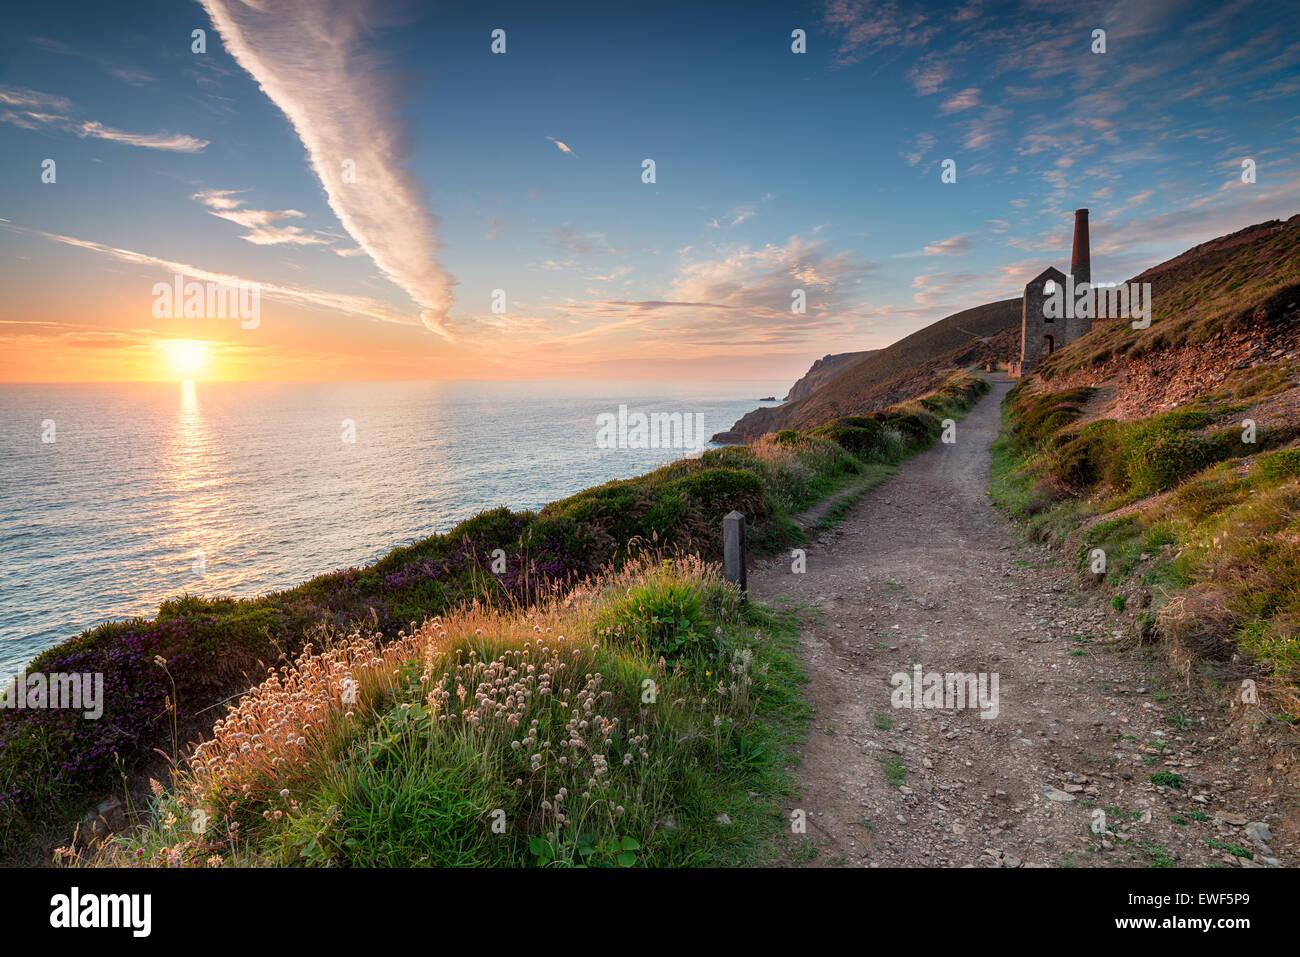 Coucher de soleil depuis le South West Coast Path comme il passe le Towanroath engine house et mène à Photo Stock